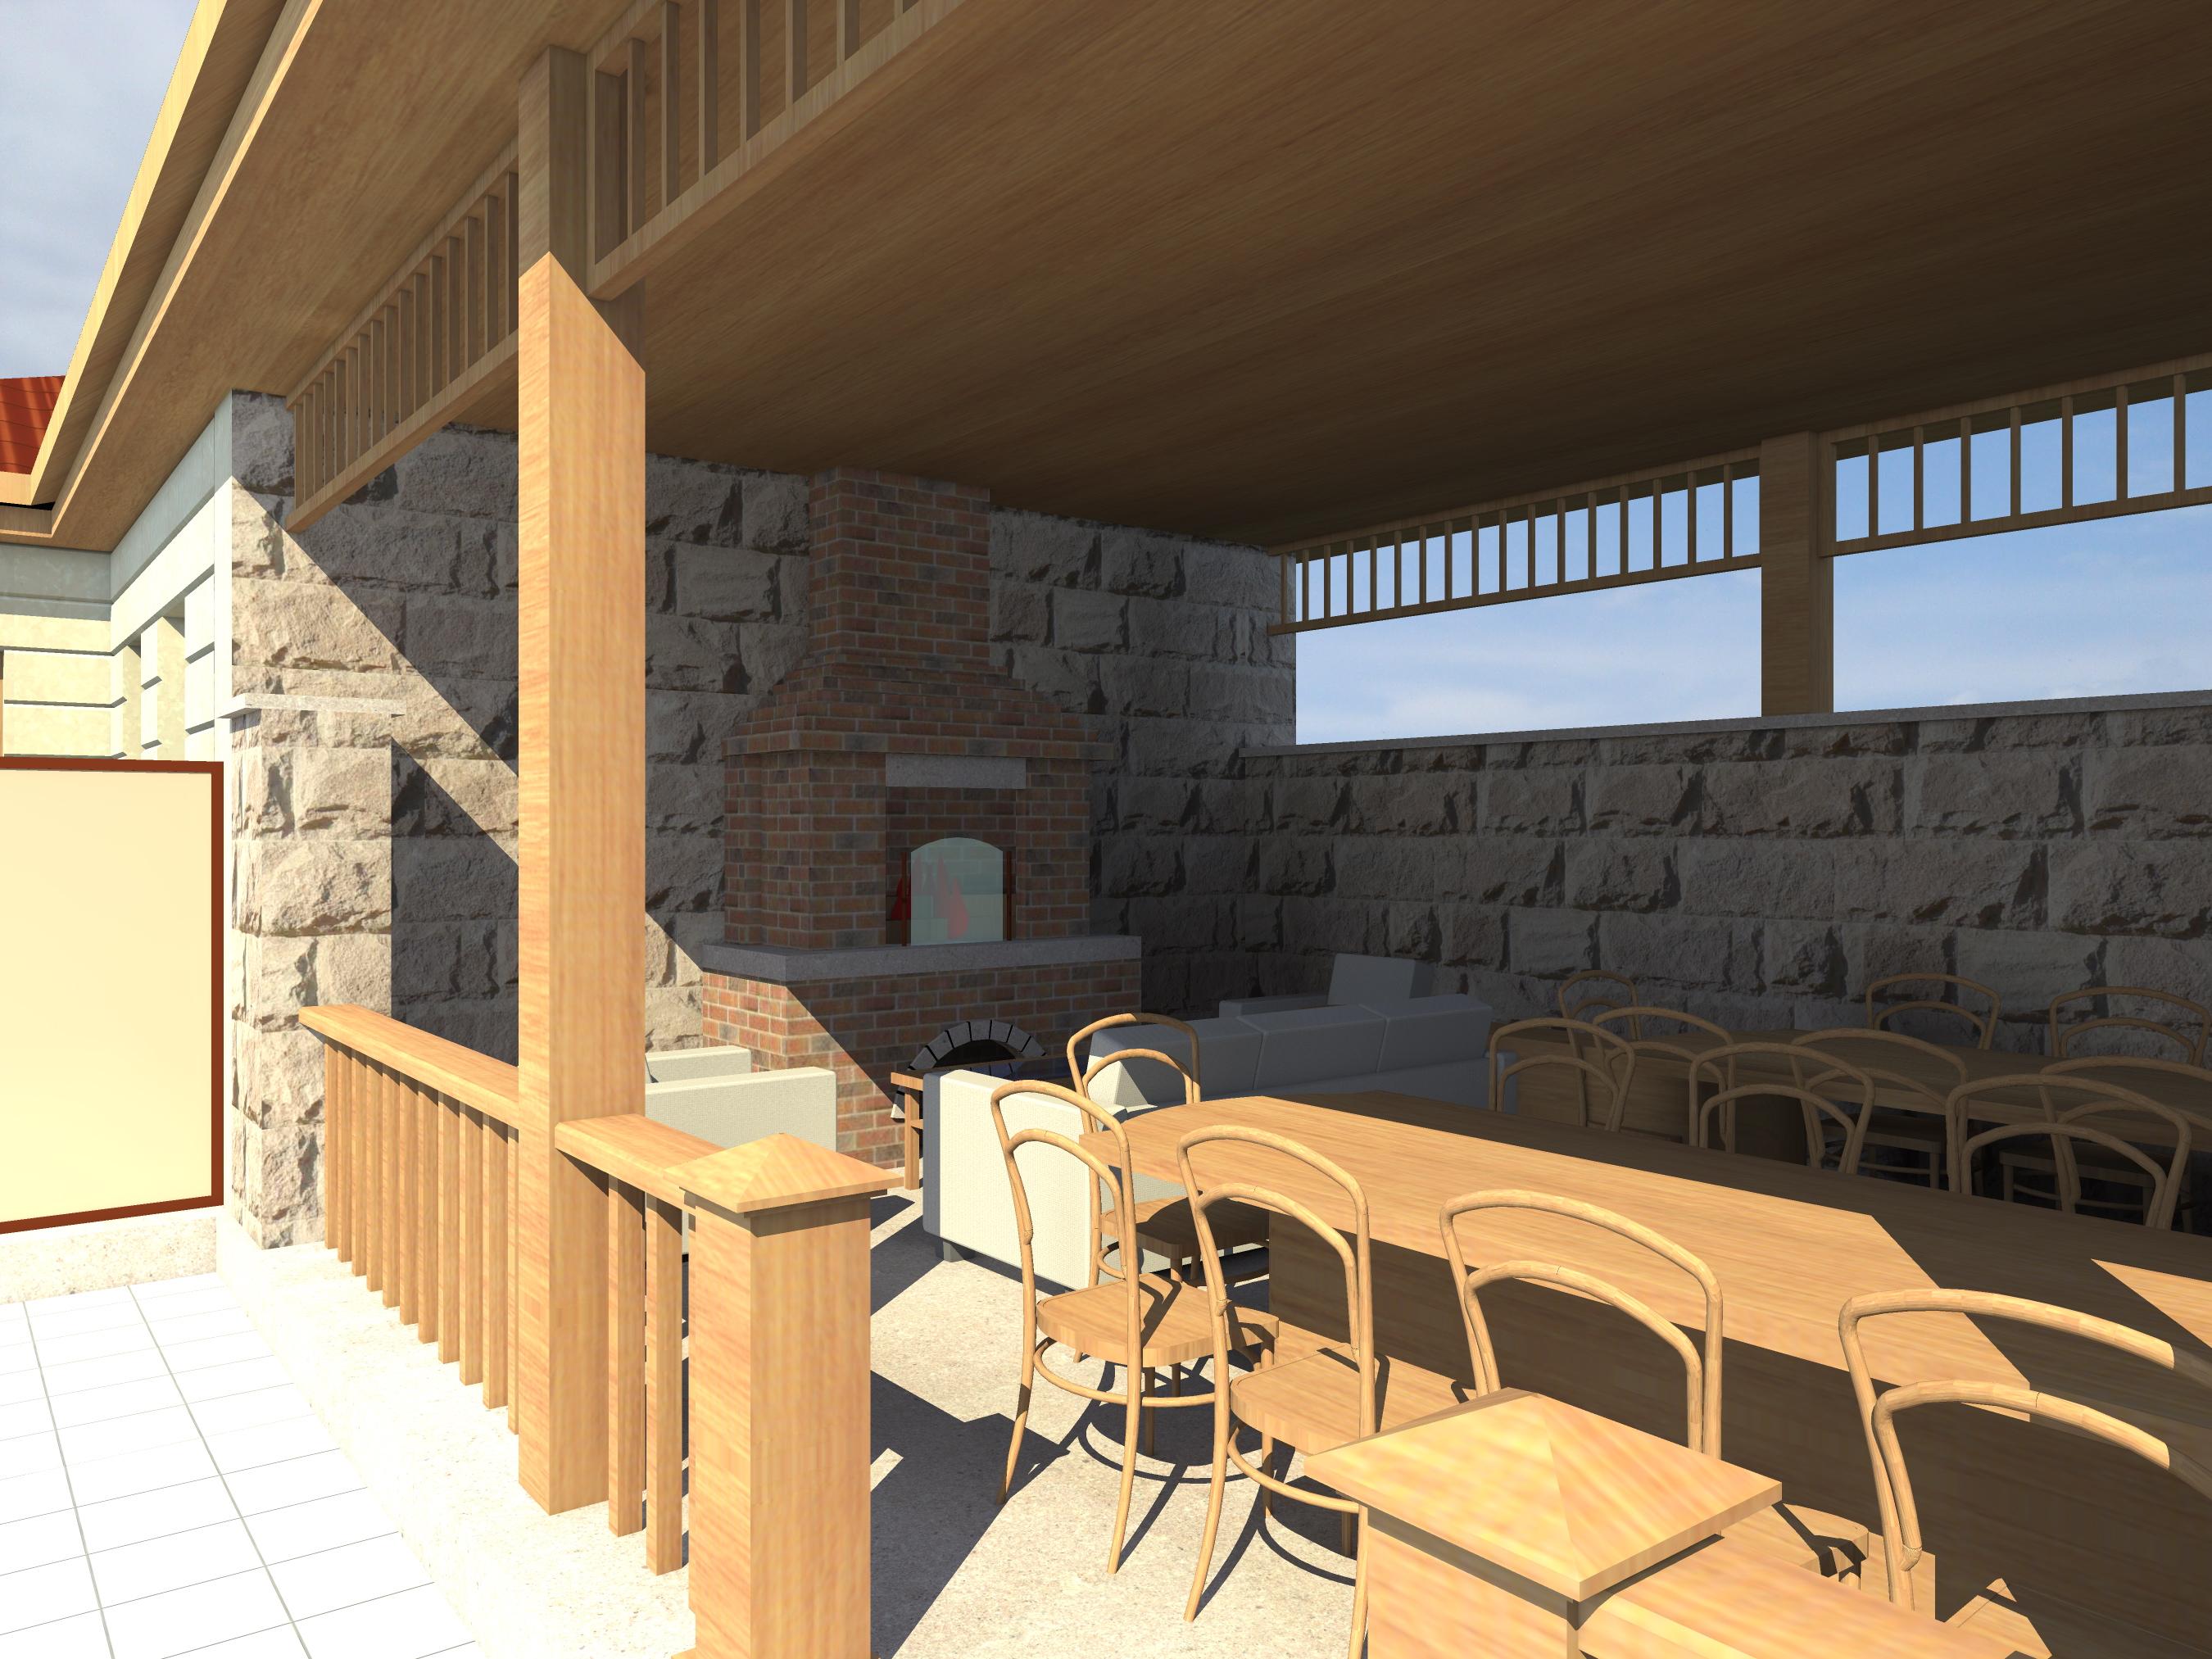 Проект двухэтажного дома с сауной, беседкой, зона барбекю и бассейном - 3